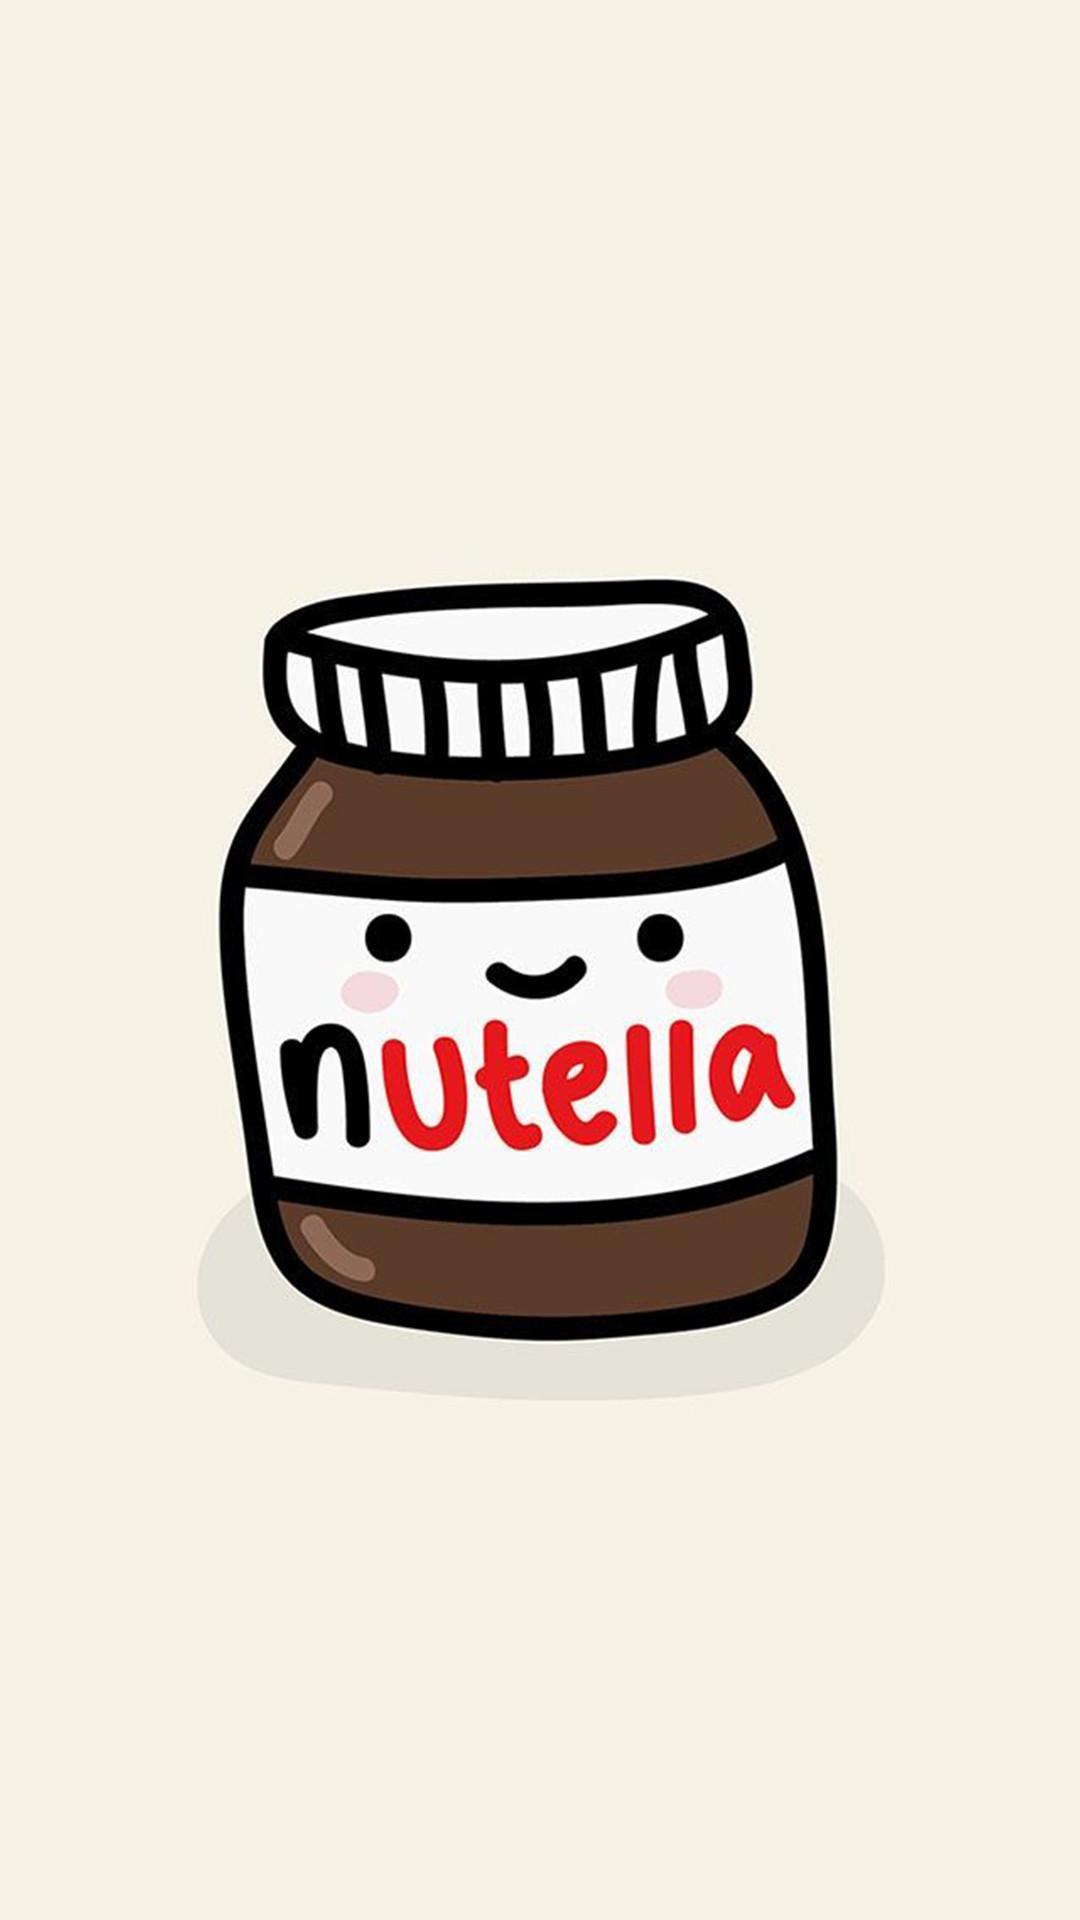 Cute Nutella Jar Illustration Android Wallpaper …